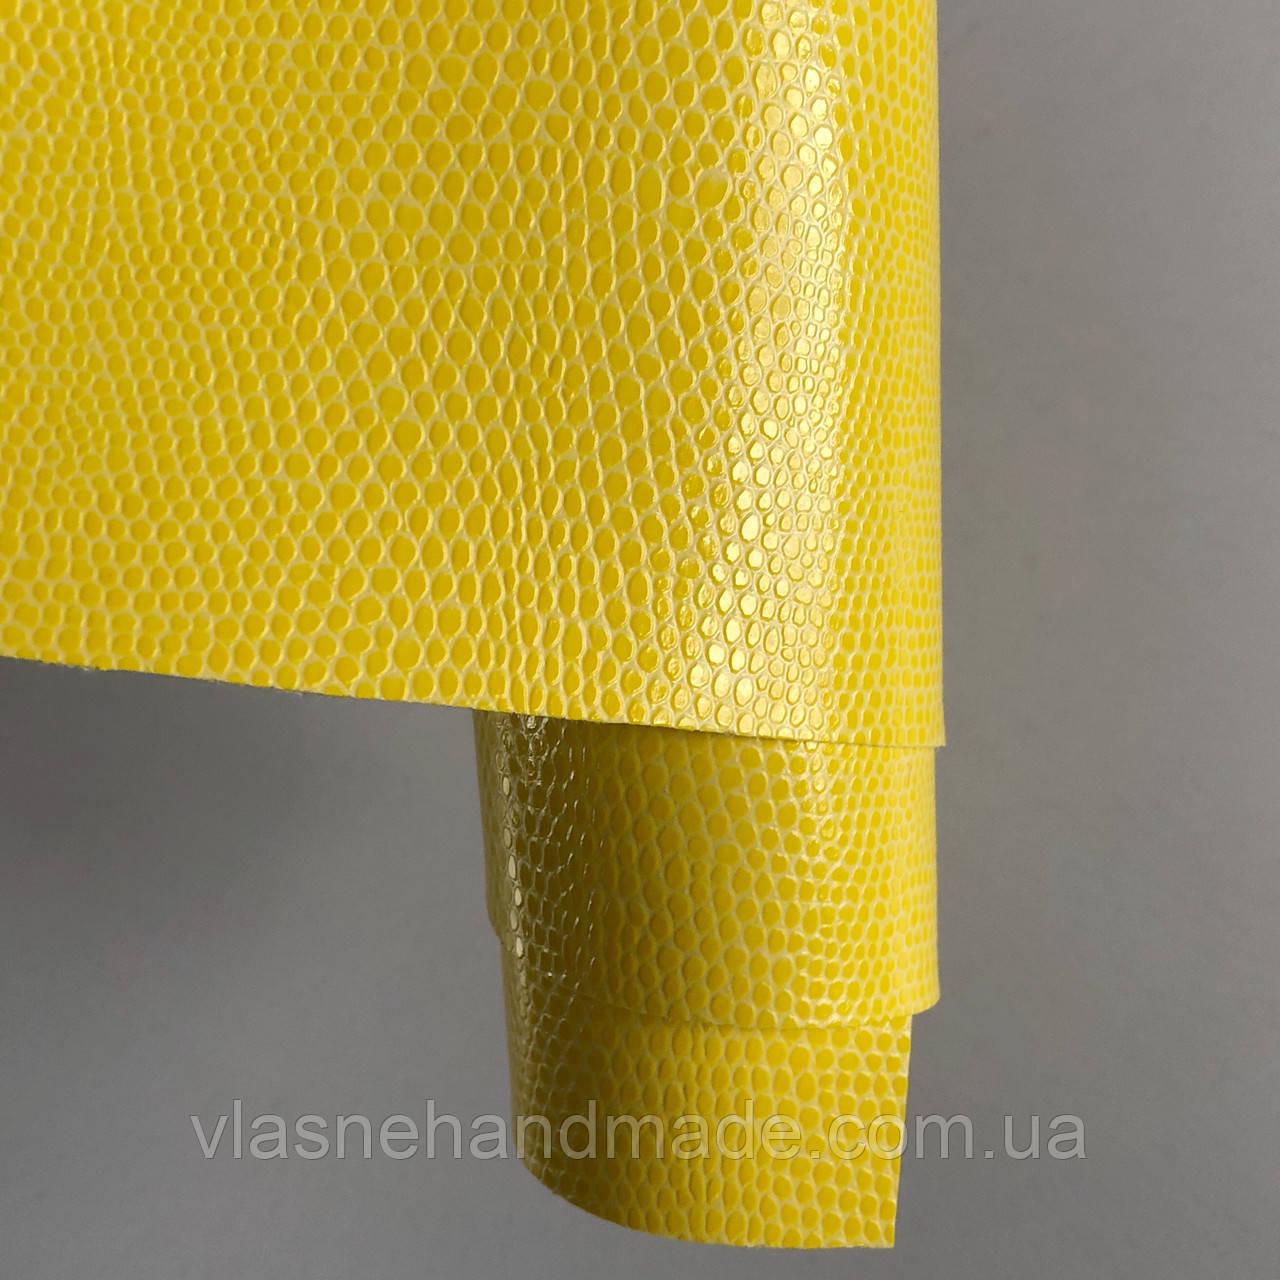 Шкірзамінник палітурний - пітон, глянець - жовтий VH172 - виробник Італія - 25х35 см